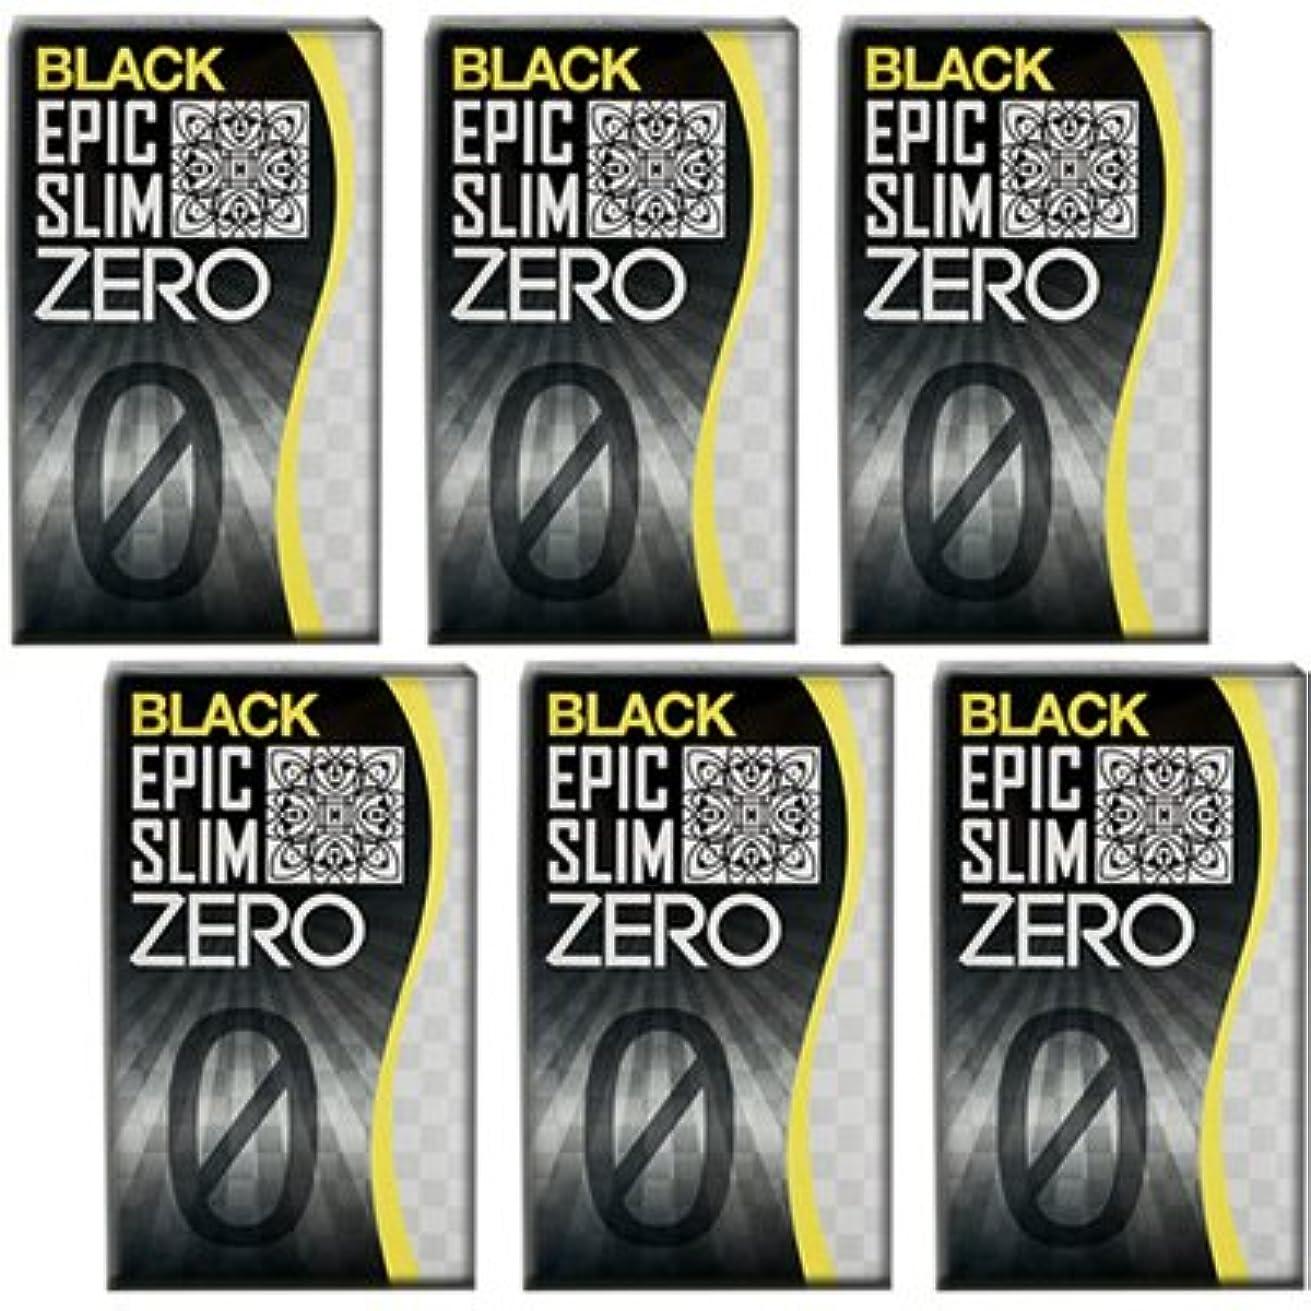 着服従事した社会学ブラック エピックスリム ゼロ ブラック 6個セット!  Epic Slim ZERO BLACK ×6個